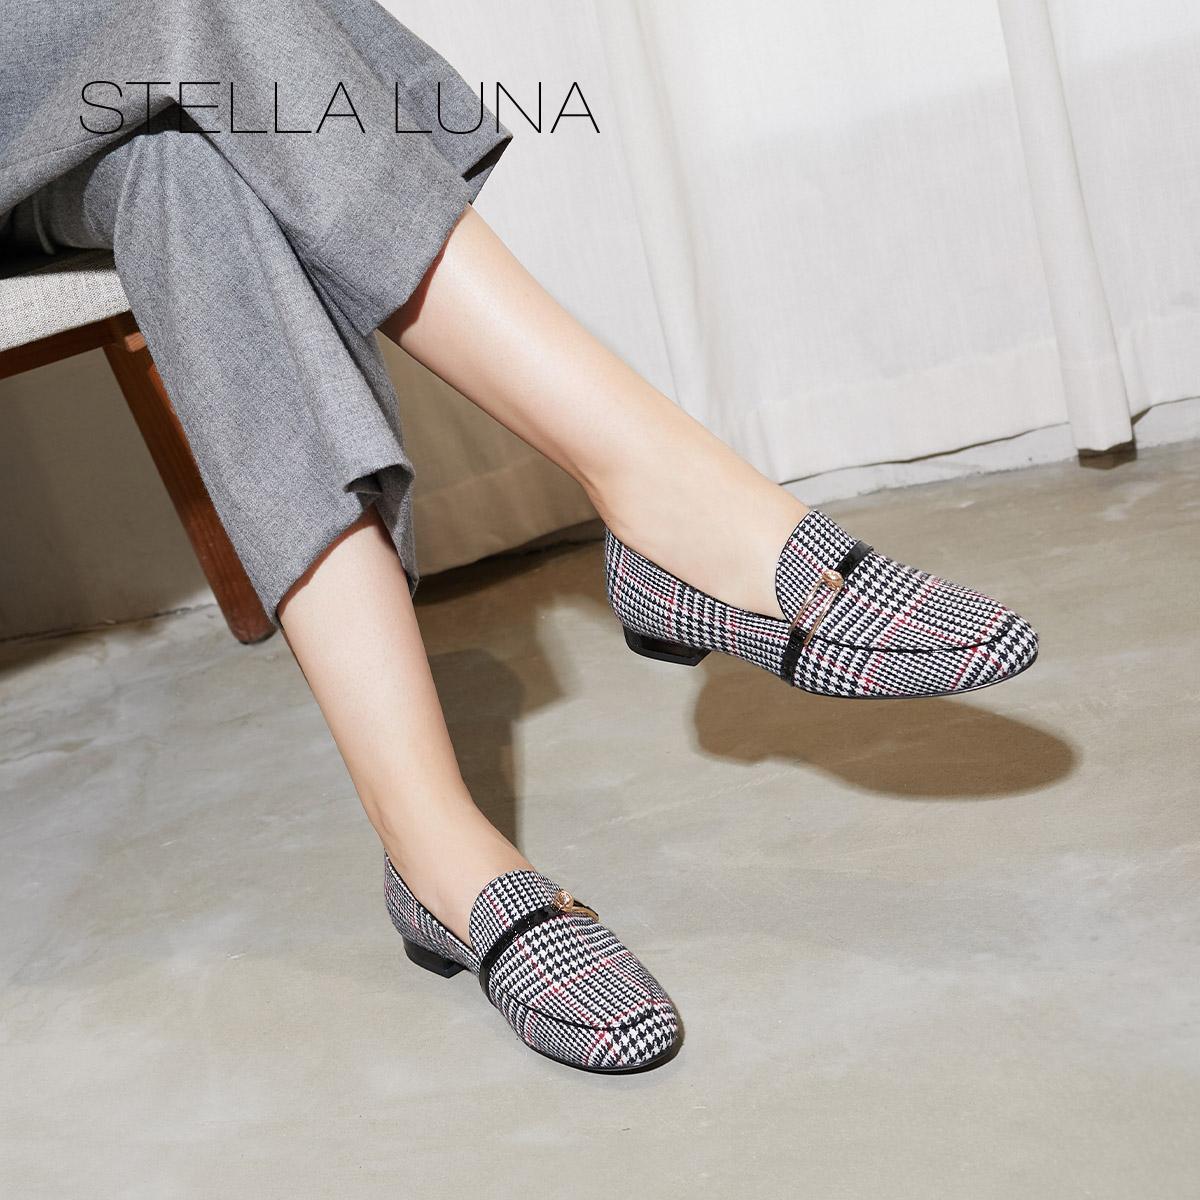 STELLA LUNA2018秋季新款休闲格纹深口圆头平跟平底女单鞋乐福鞋